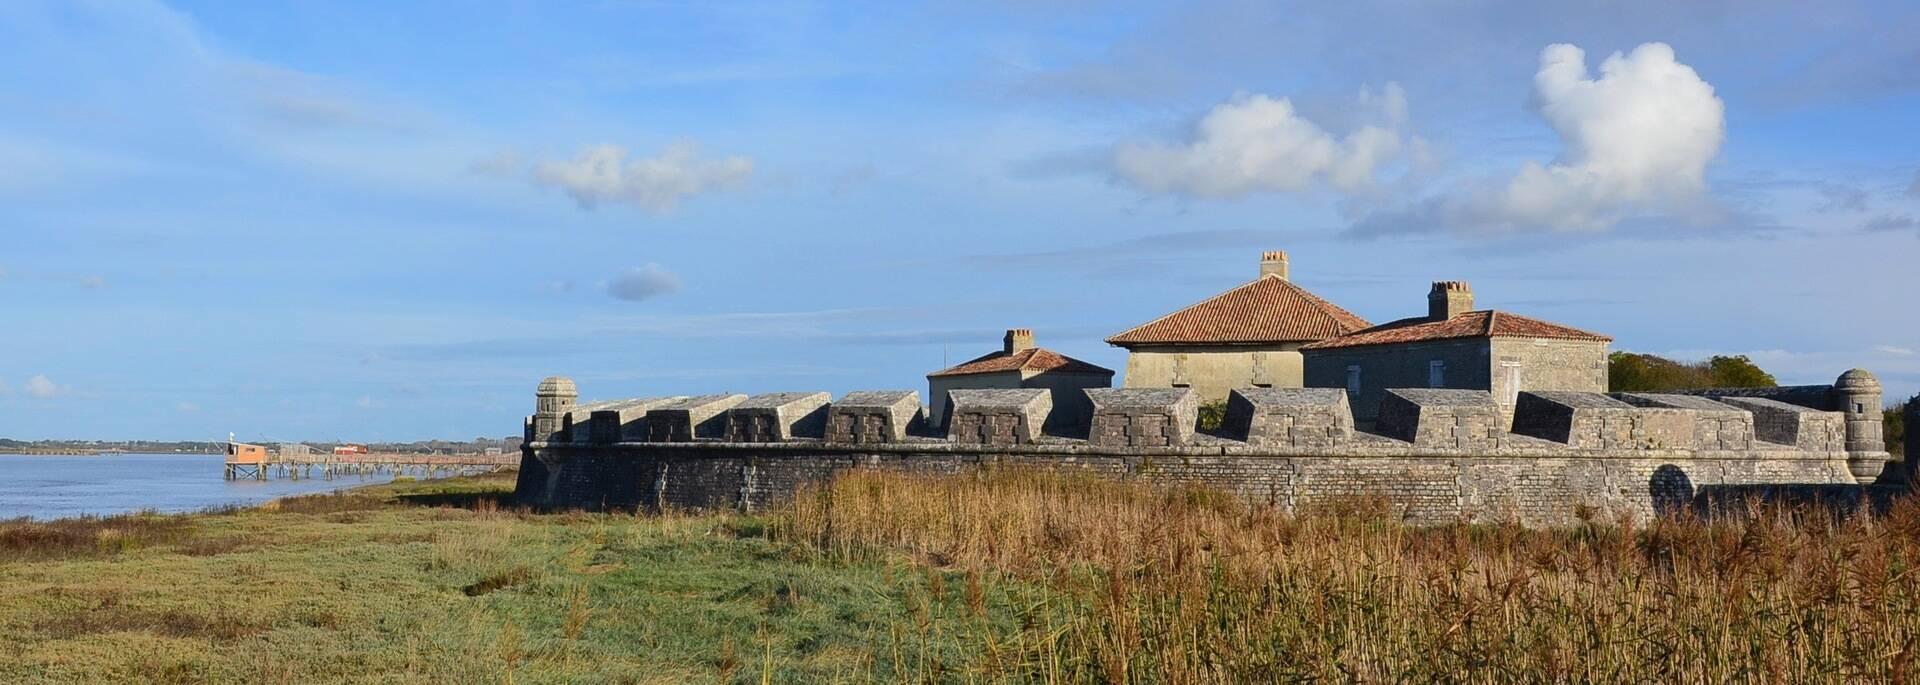 Le Fort Lupin, en bordure de Charente - © Samuel Courtois